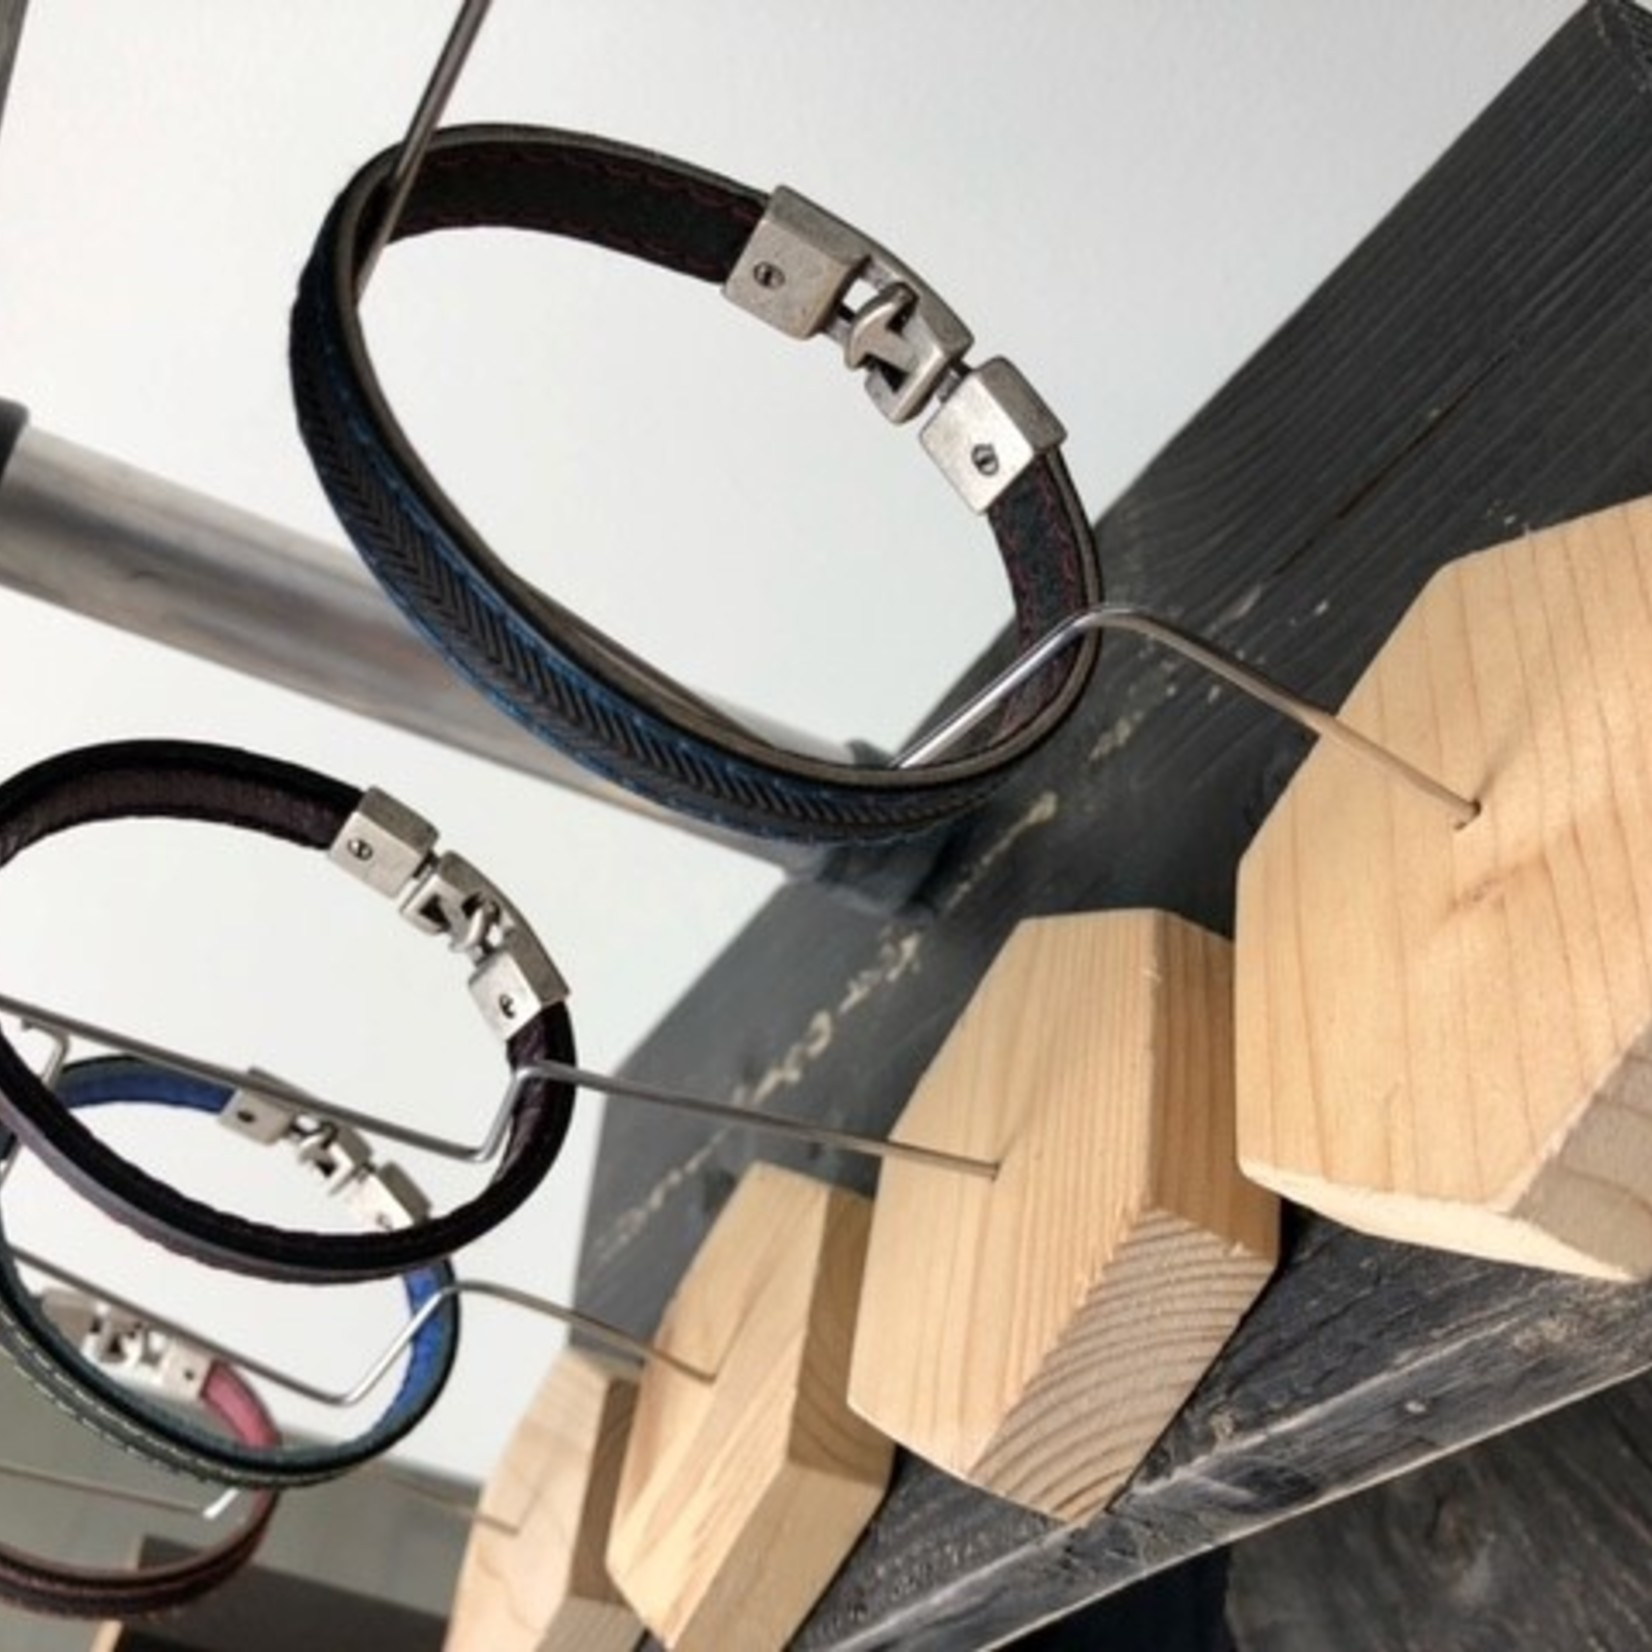 Cycled armband z/b/w